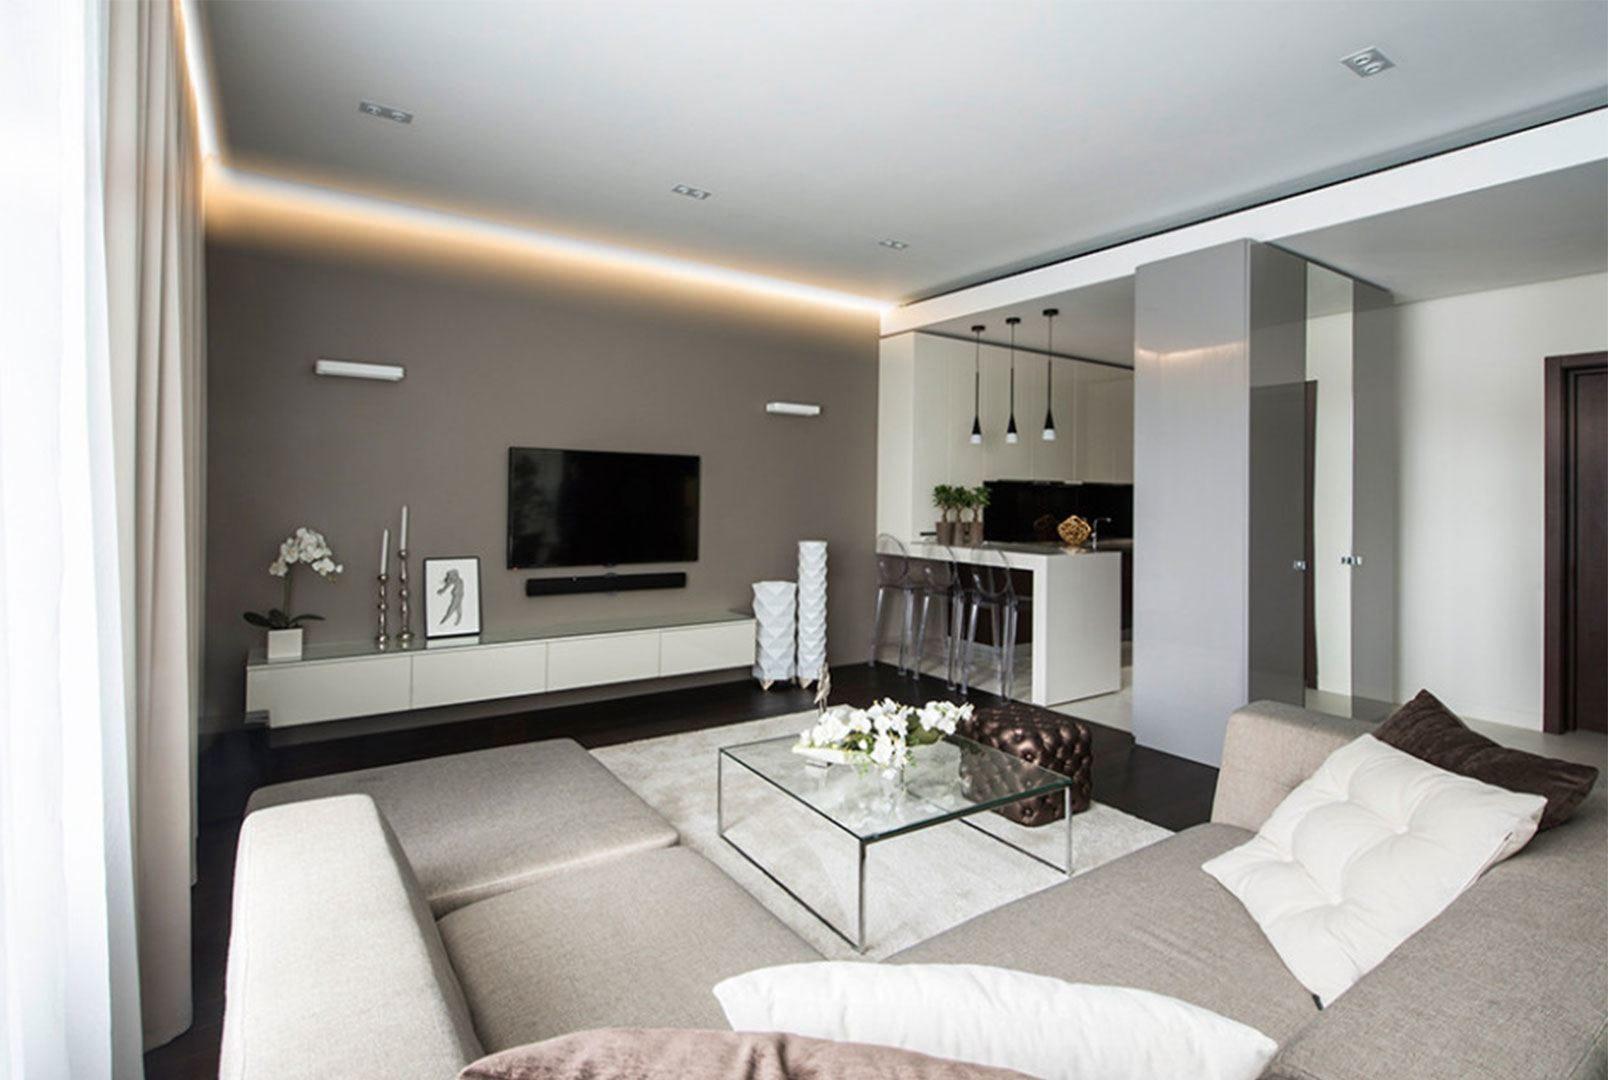 Idee arredamento moderno design arredamento moderno idee for Arredamento case moderne foto